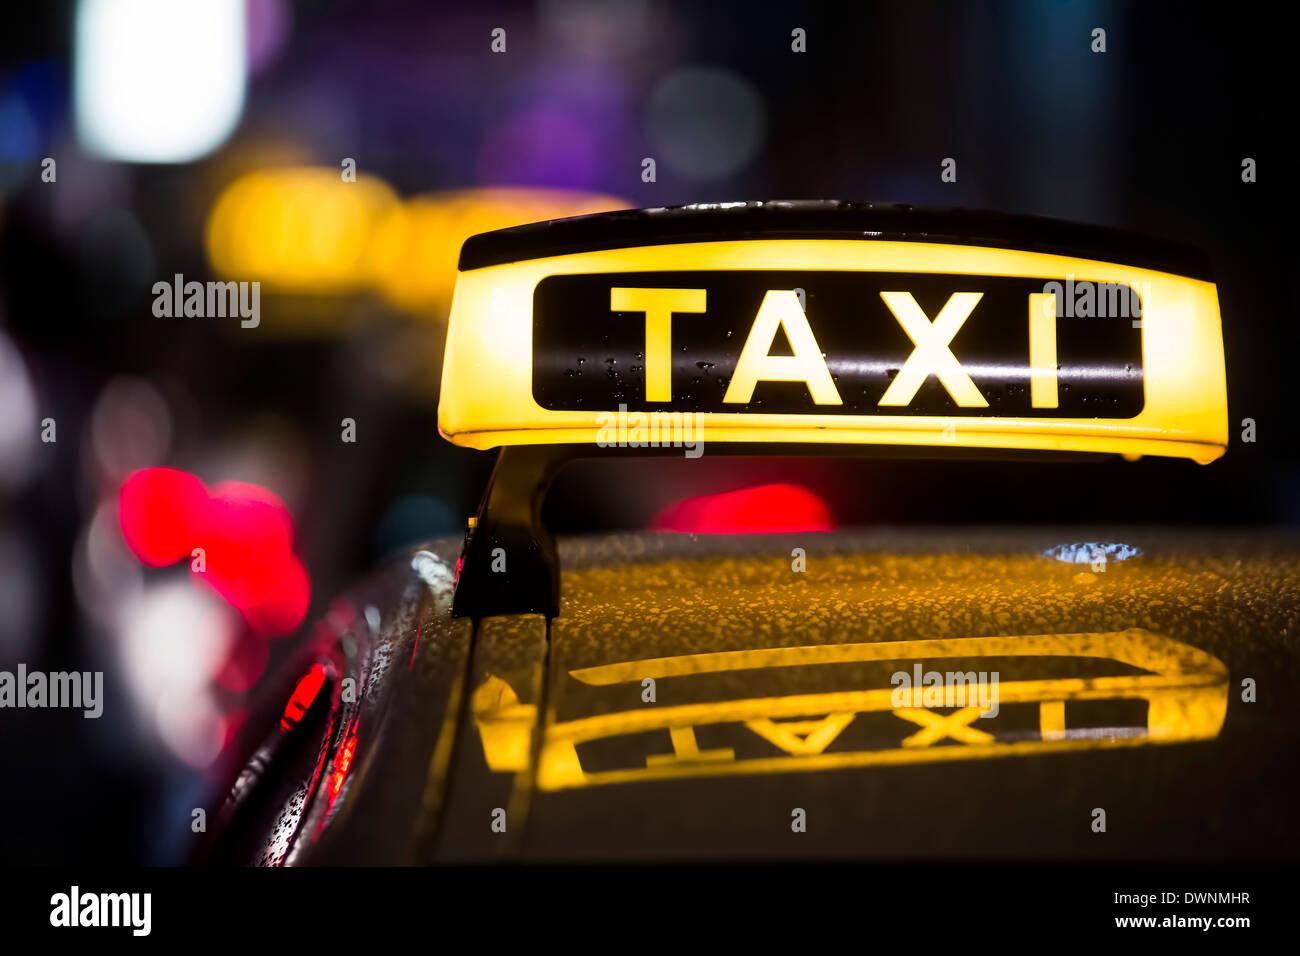 Taxi en la lluvia durante la noche, Colonia, Renania del Norte-Westfalia, Alemania Imagen De Stock